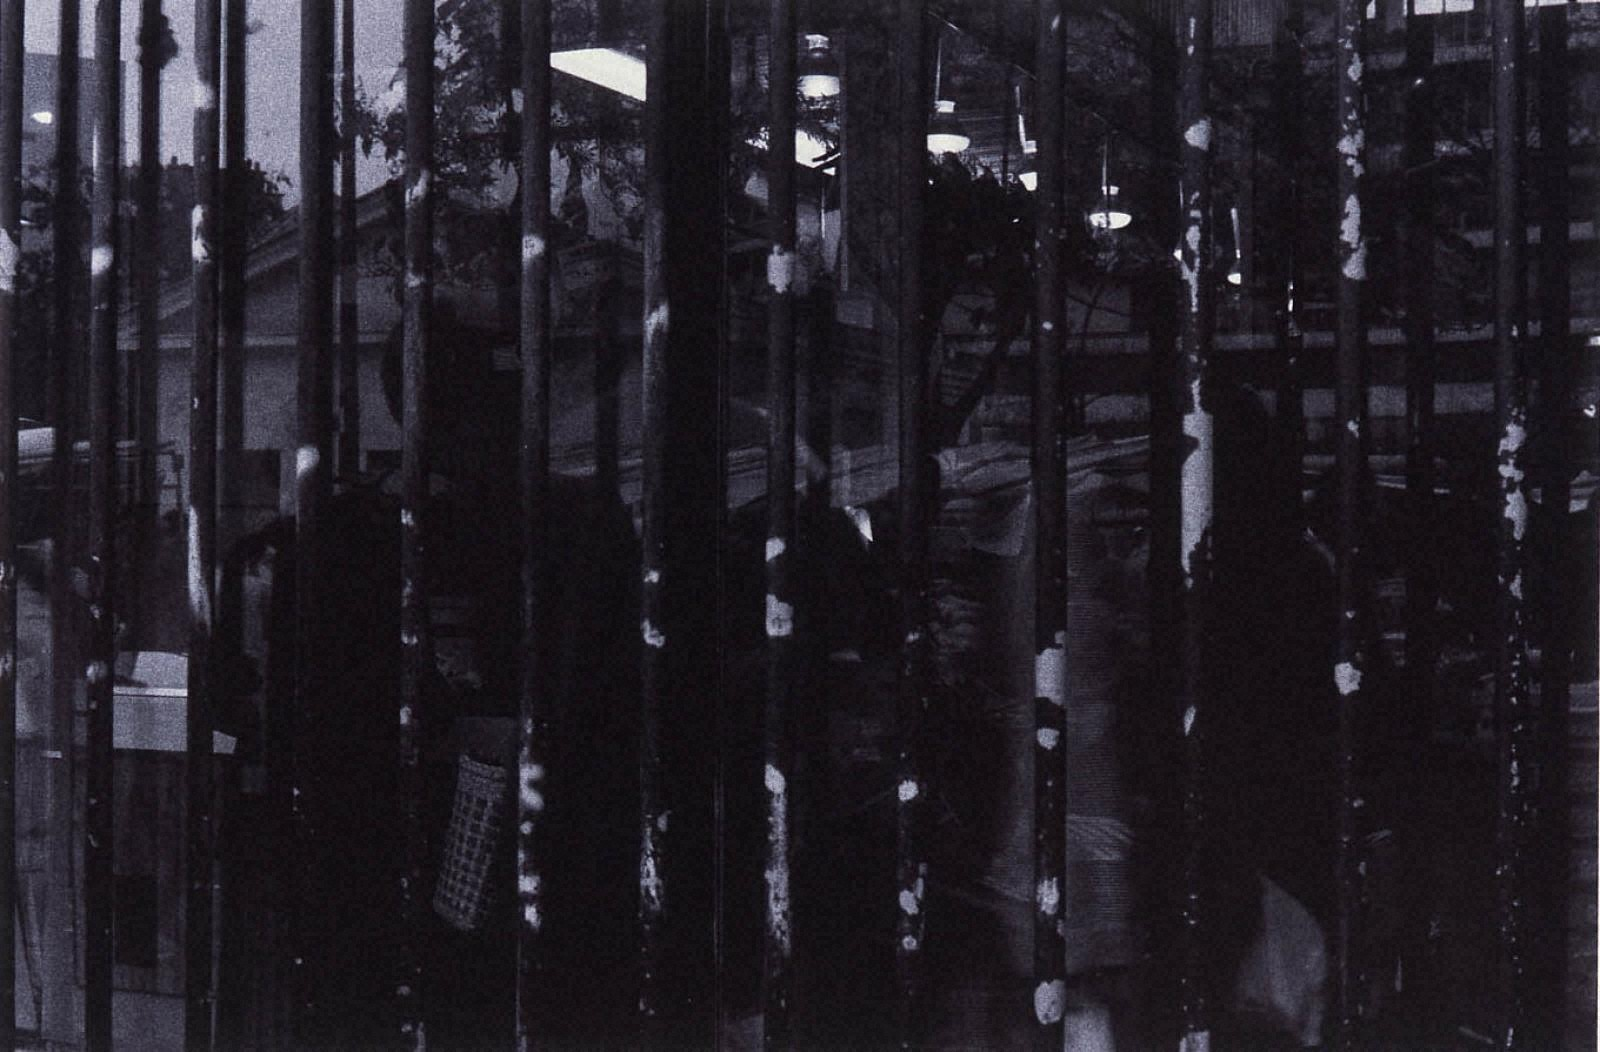 [Jun SHIRAOKA Photographs 1970-1998]フランス、パリ(アリ-グル市場)、1981年11月